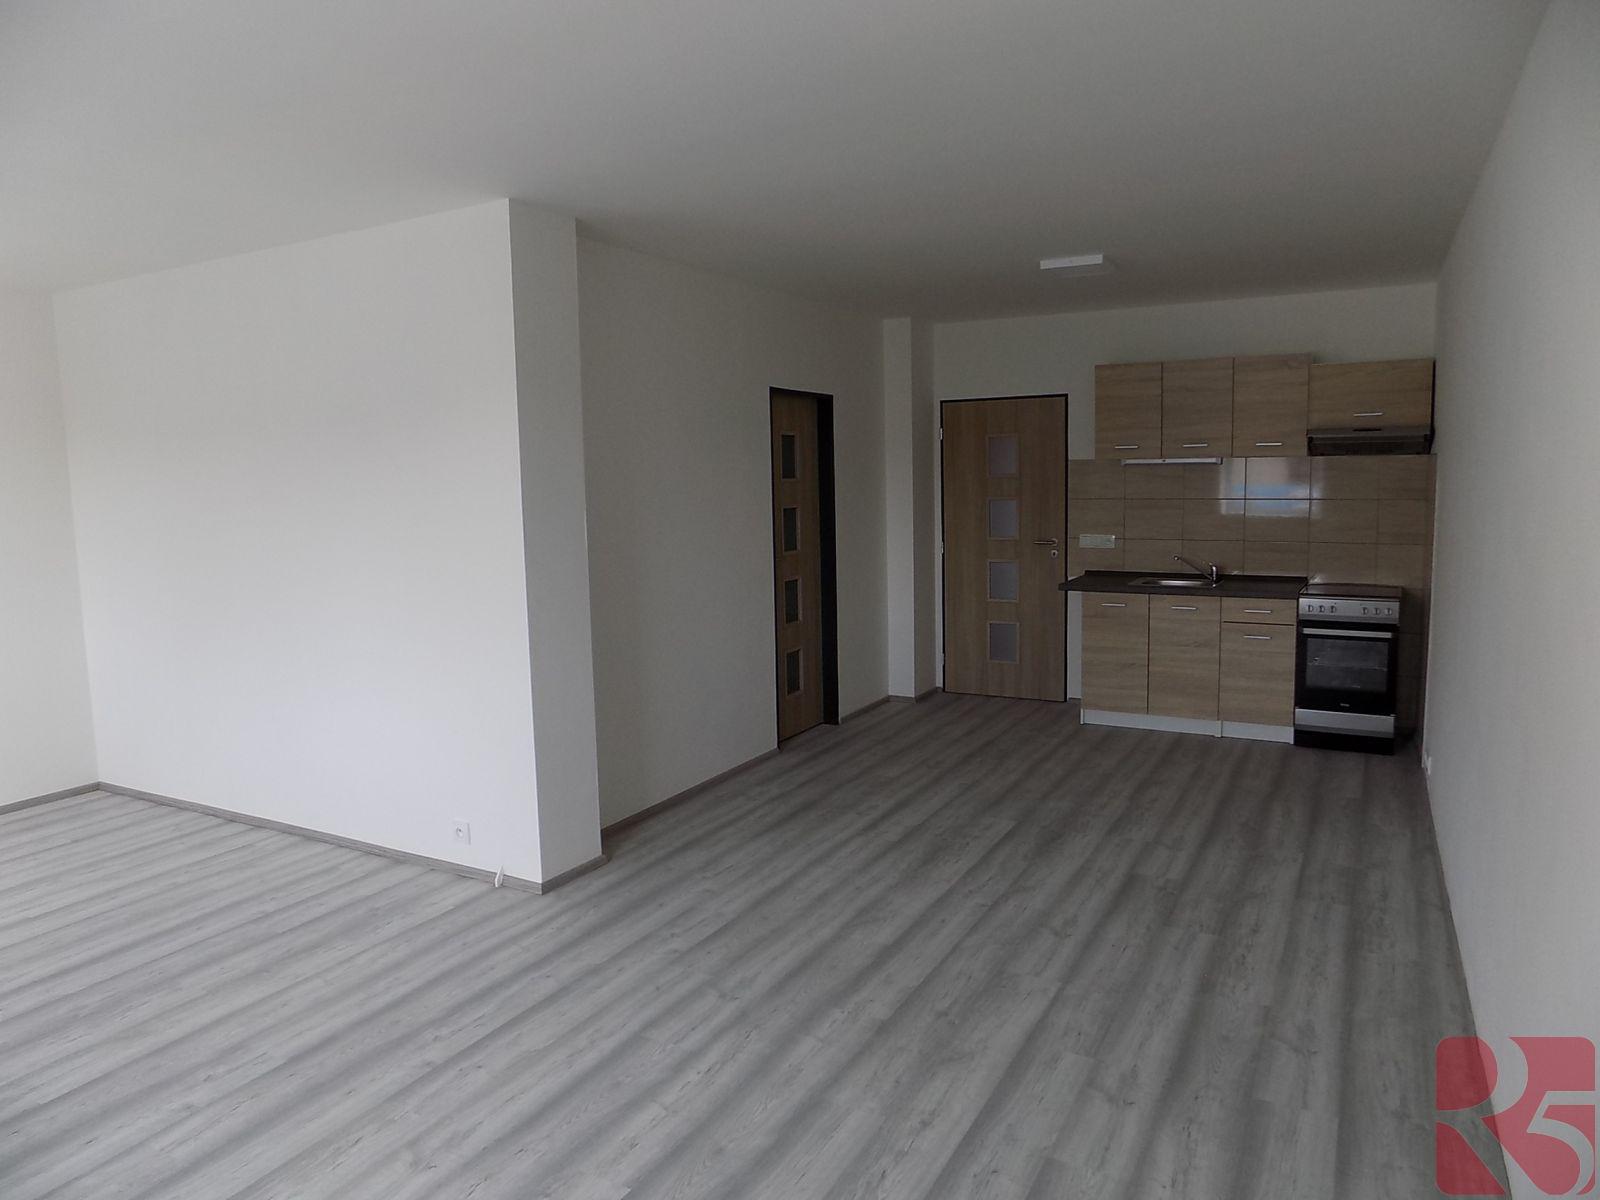 Pronájem novostavby bytu 2+kk, 62 m2, v centru města Dobříš